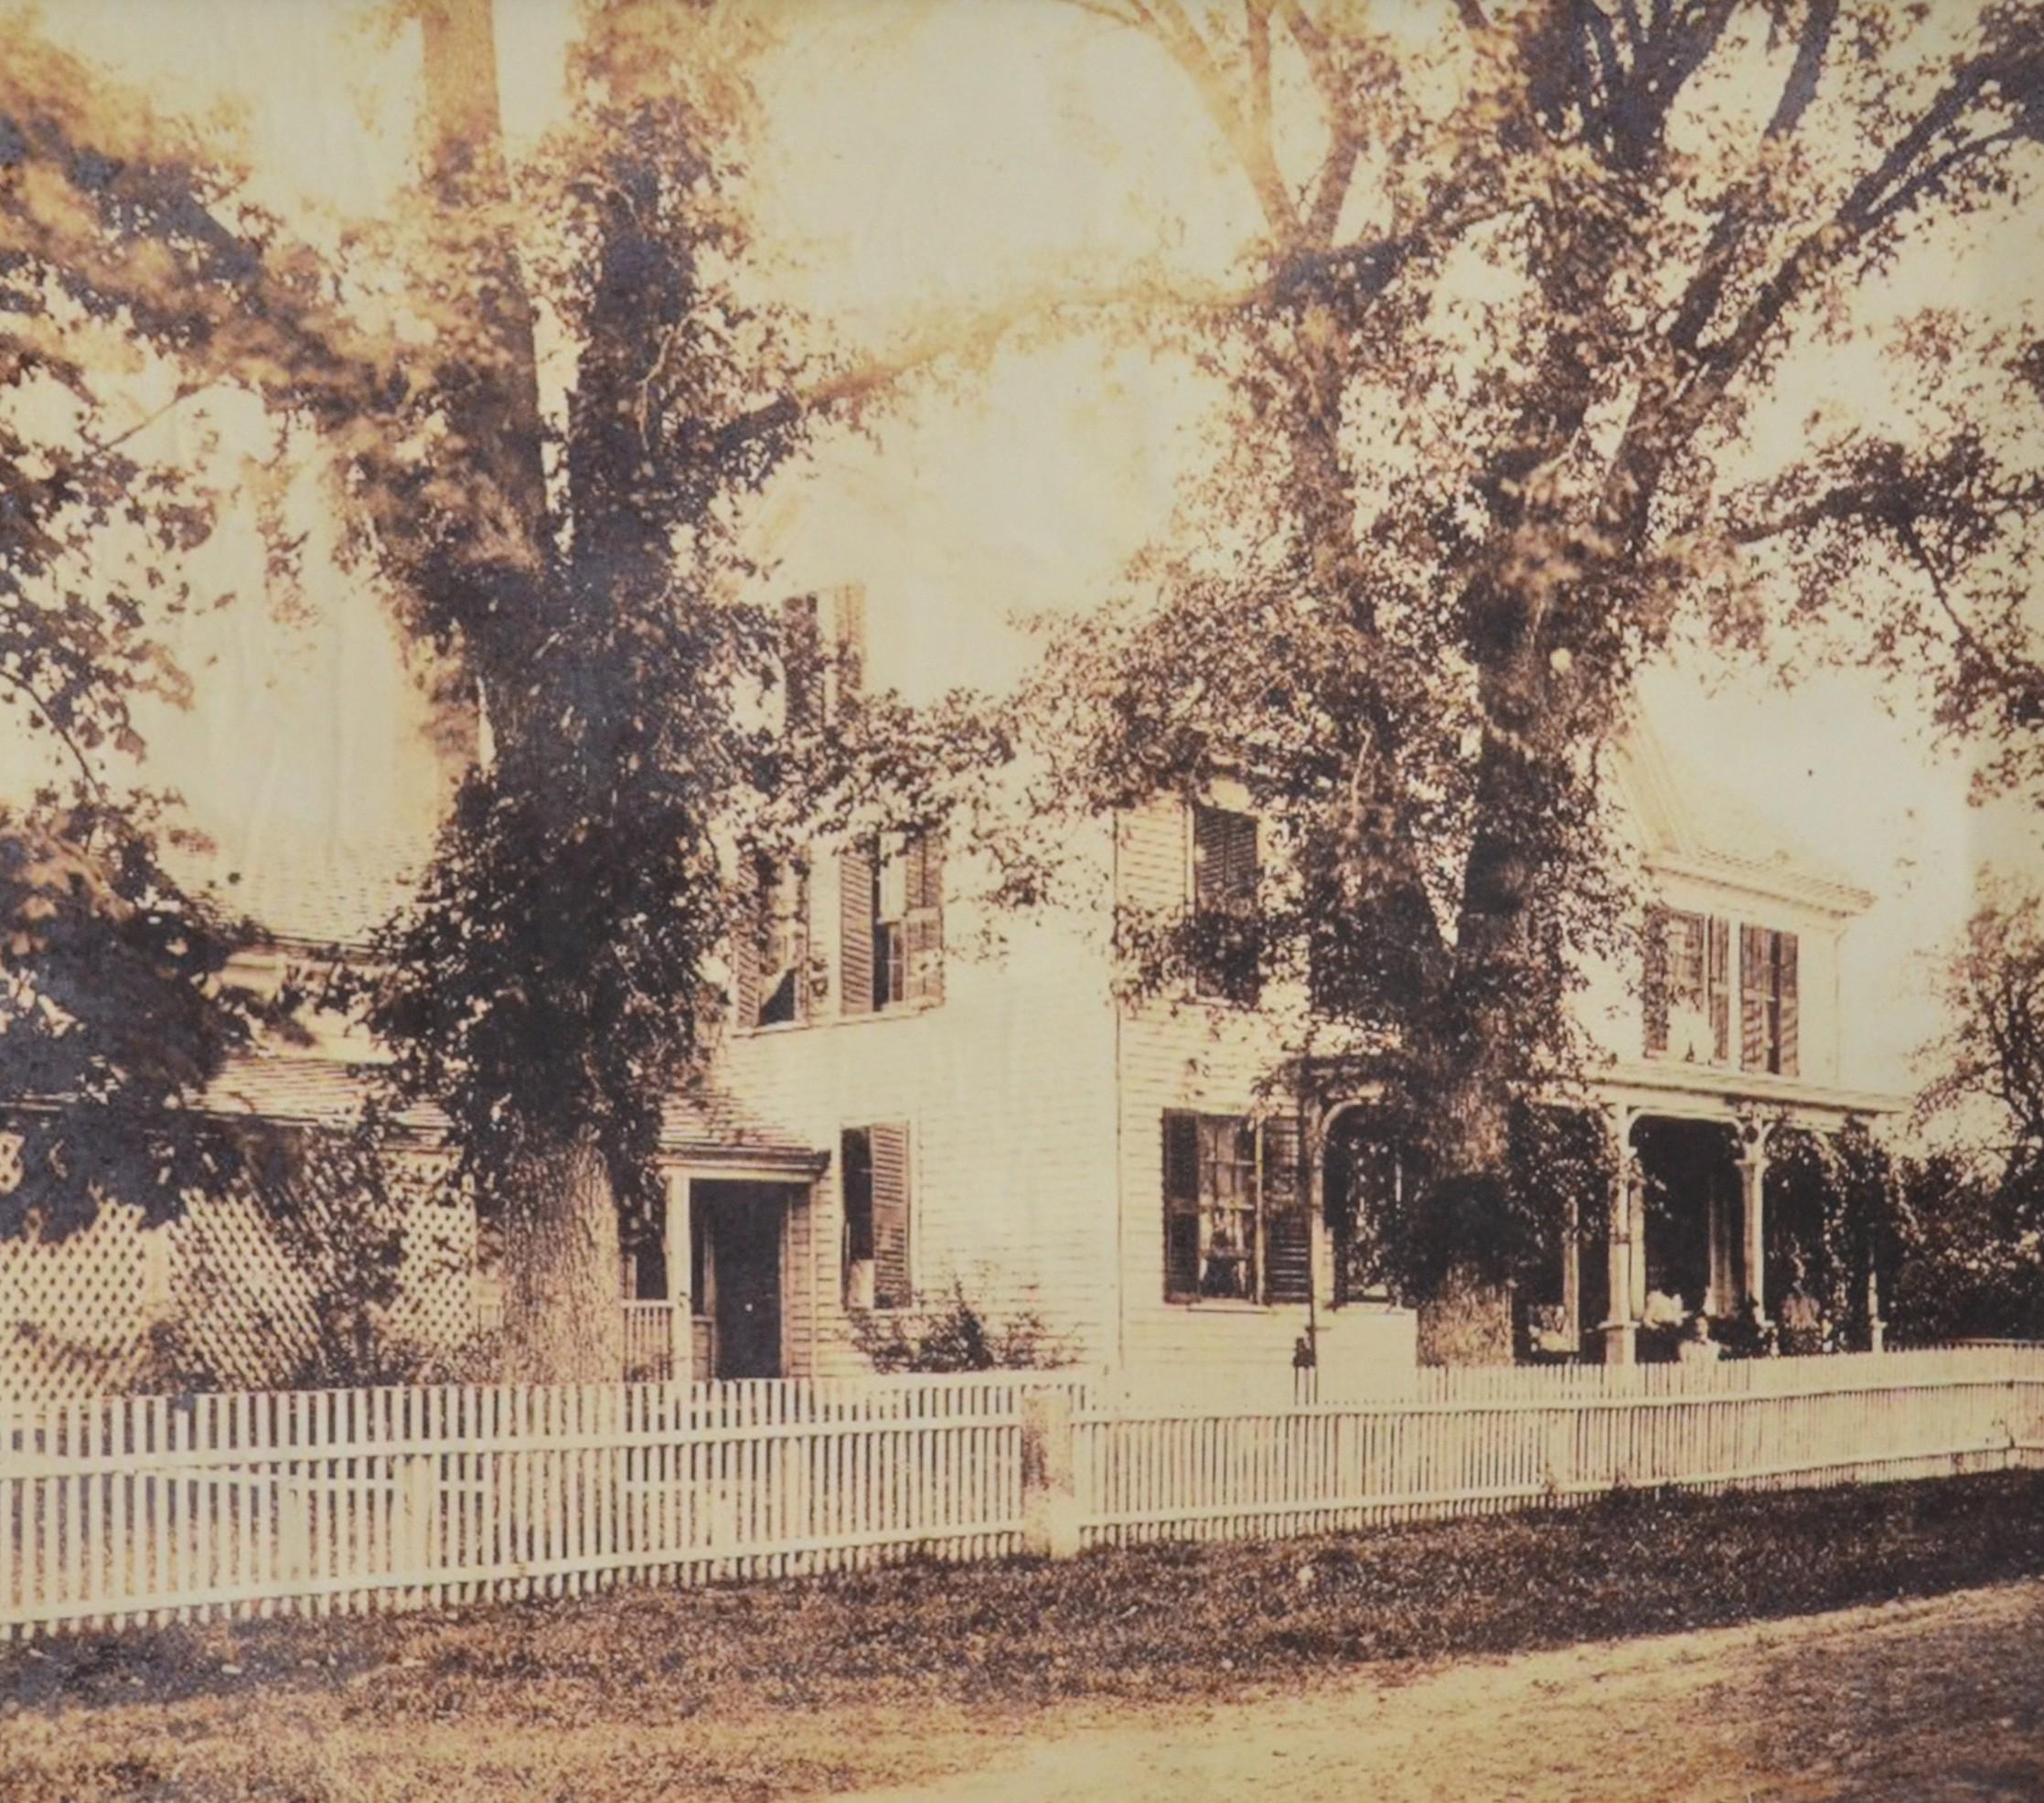 Mooresfield circa 1880.